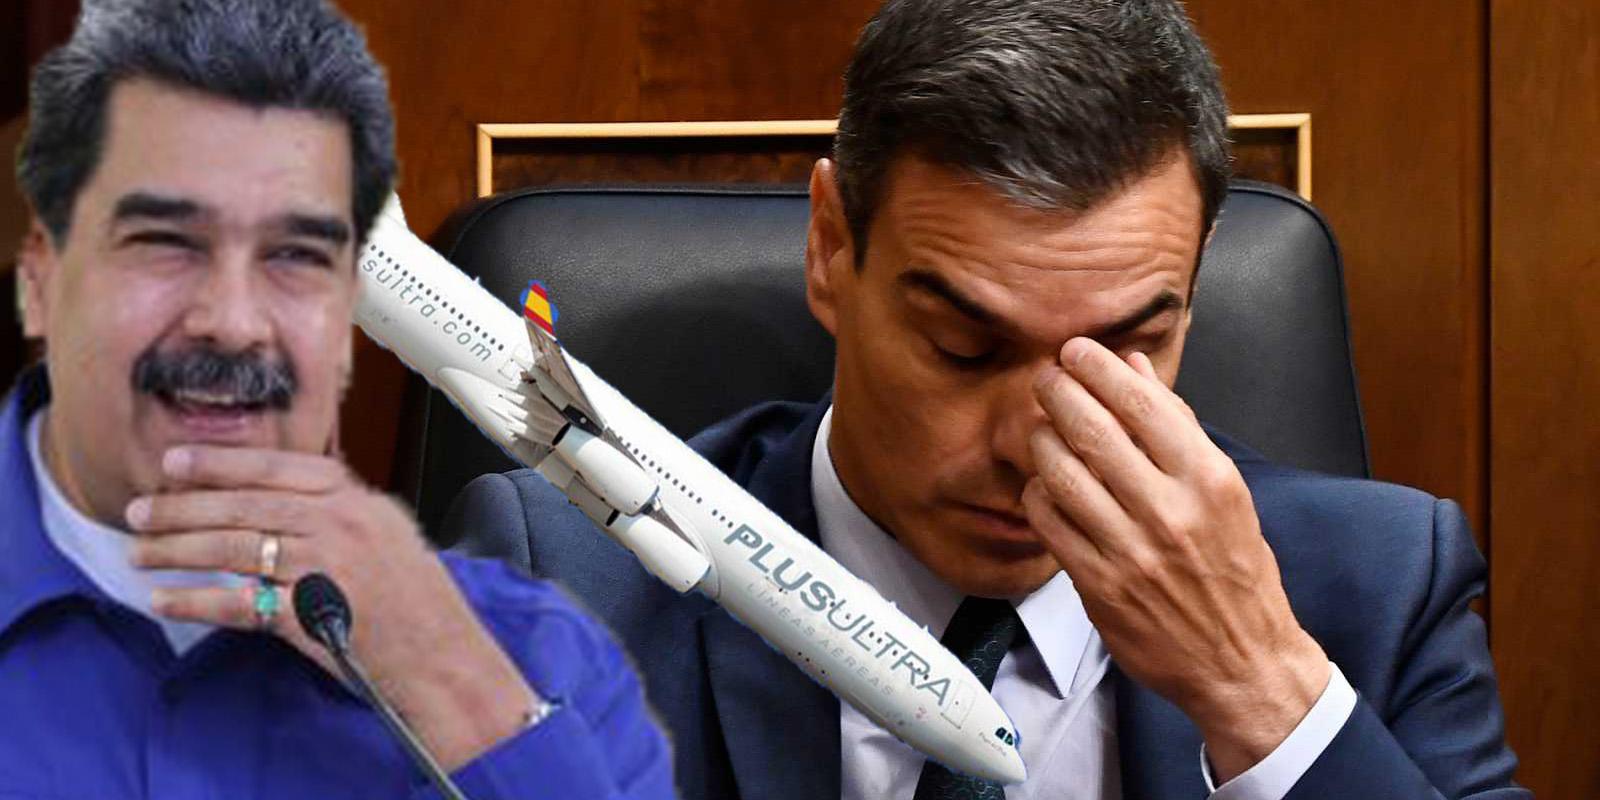 El rescate de la chavista Plus Ultra genera turbulencias al Gobierno Sánchez: ¿Mega fraude con apoyo cubano?